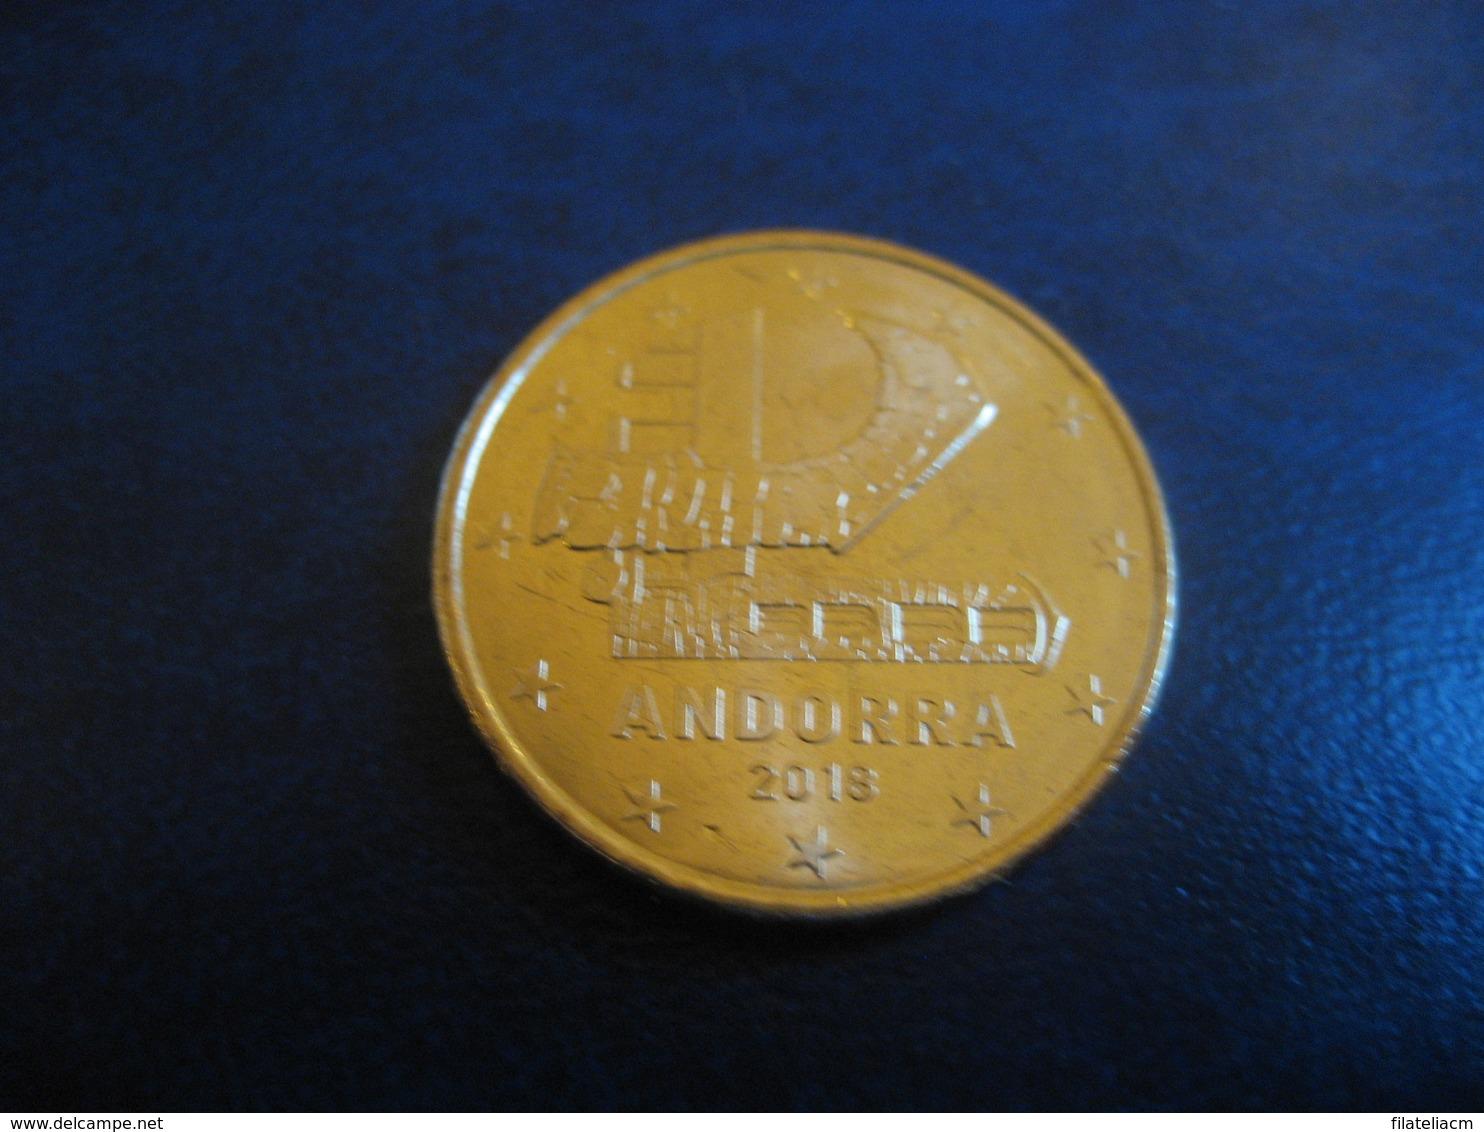 50 Cents EUR 2018 ANDORRA Good Condition Euro Coin - Andorre